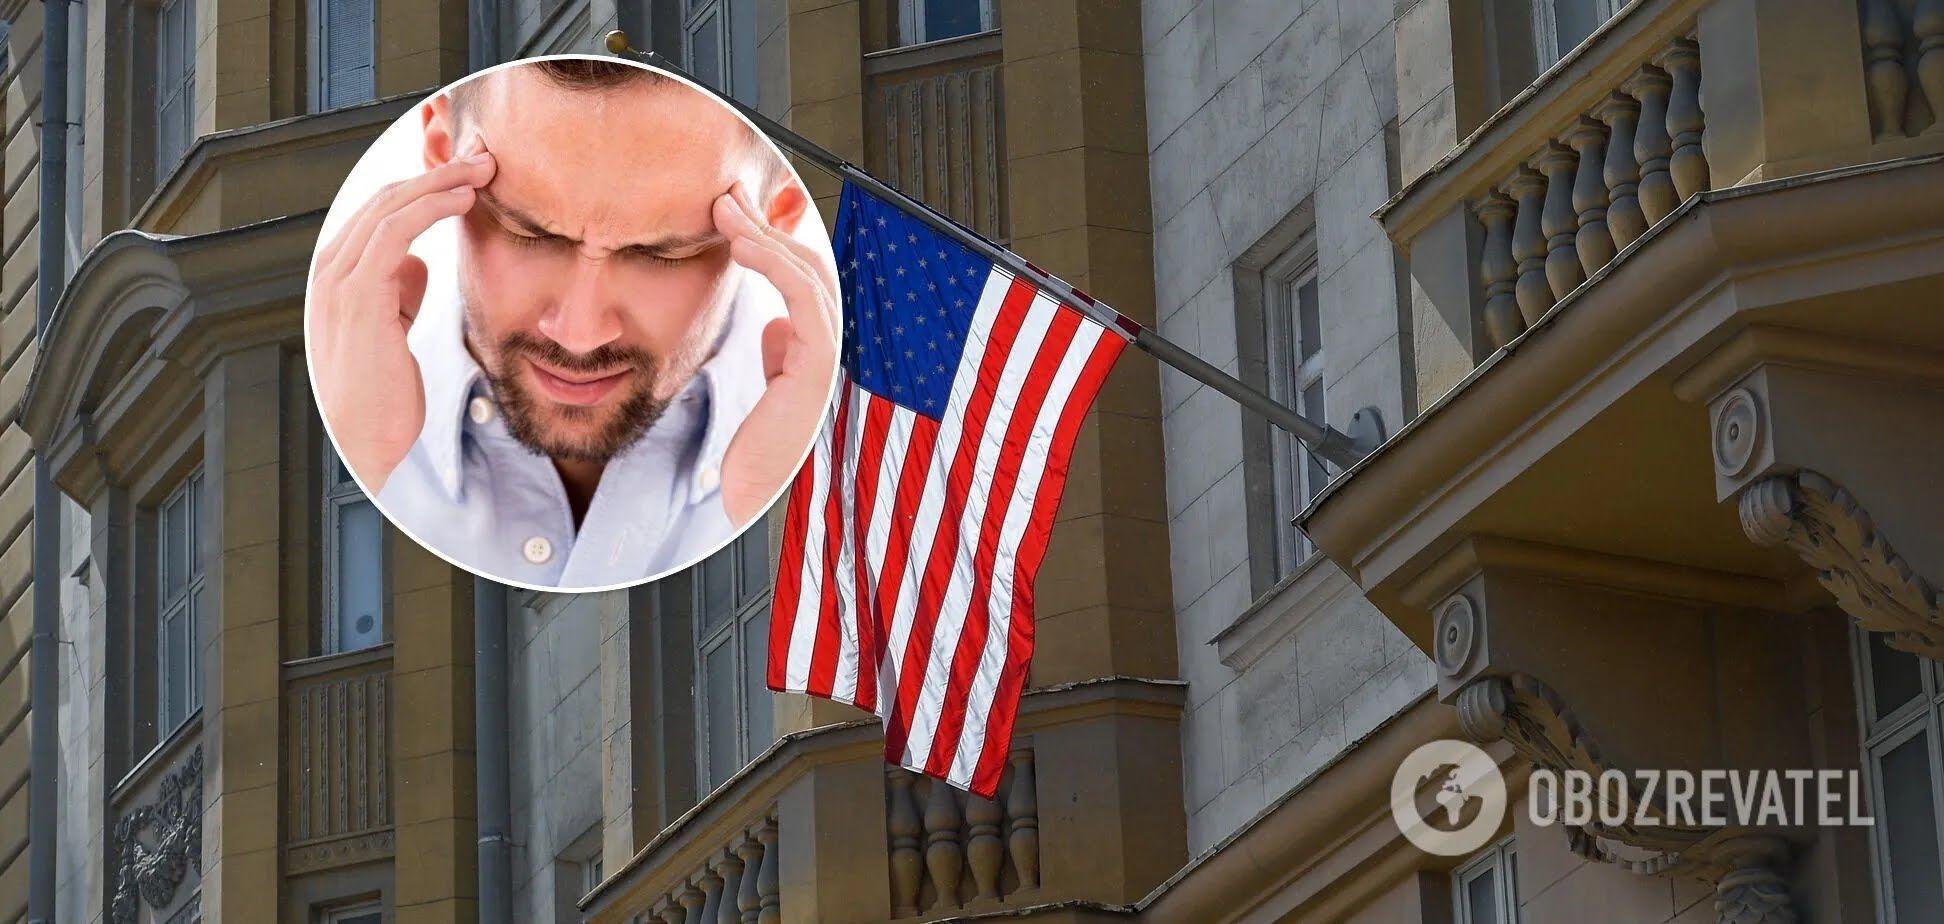 У послів США у Відні виявлено дивну хворобу